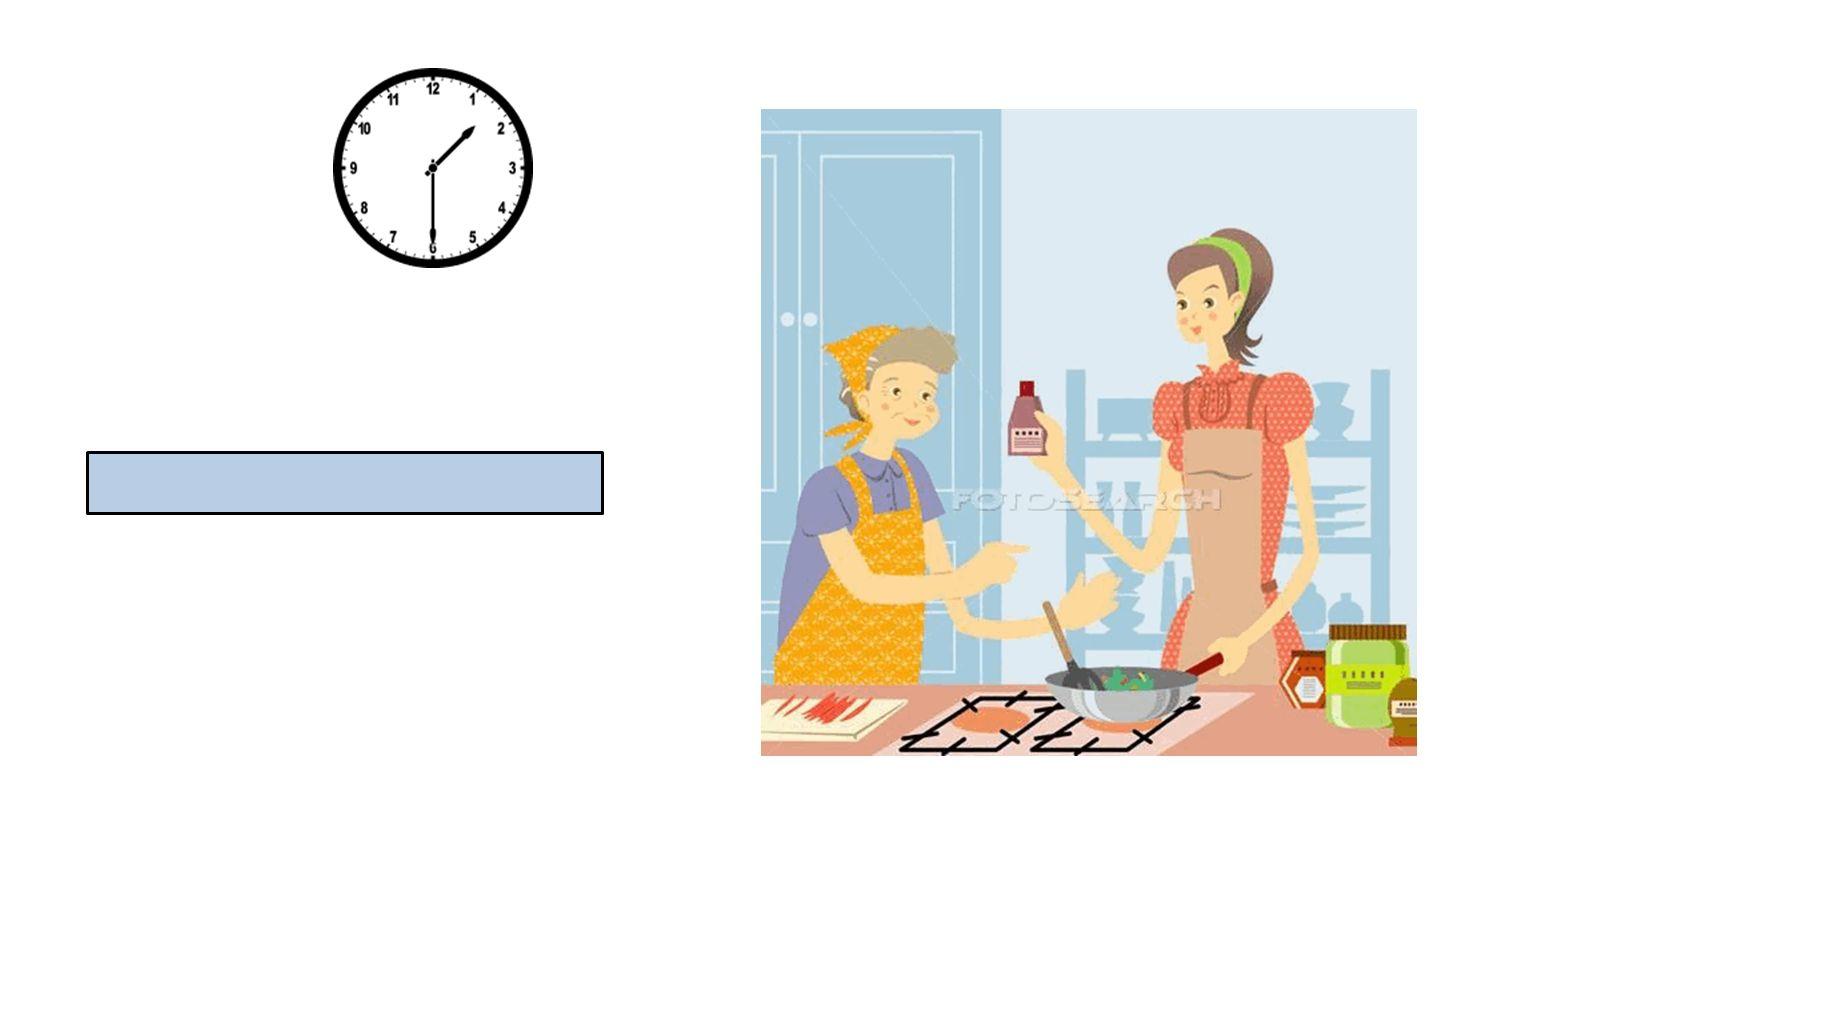 Sie kochen um halb zwei.